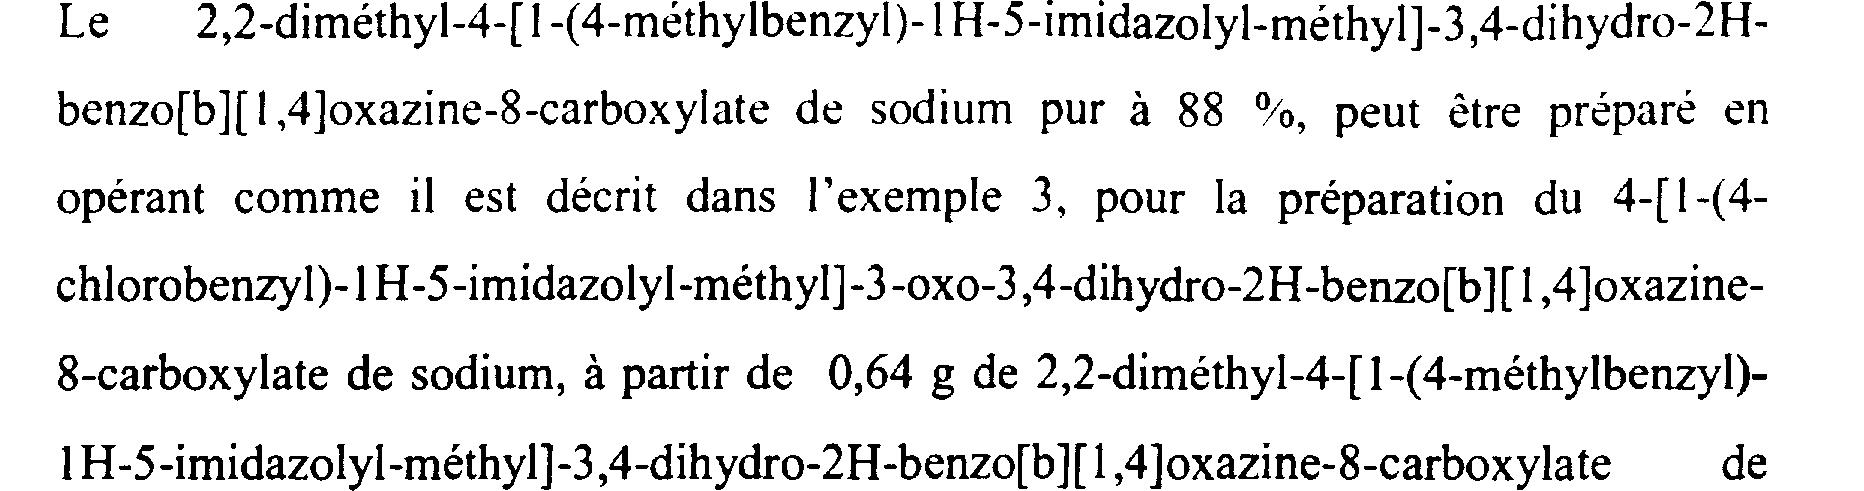 Figure img00600001